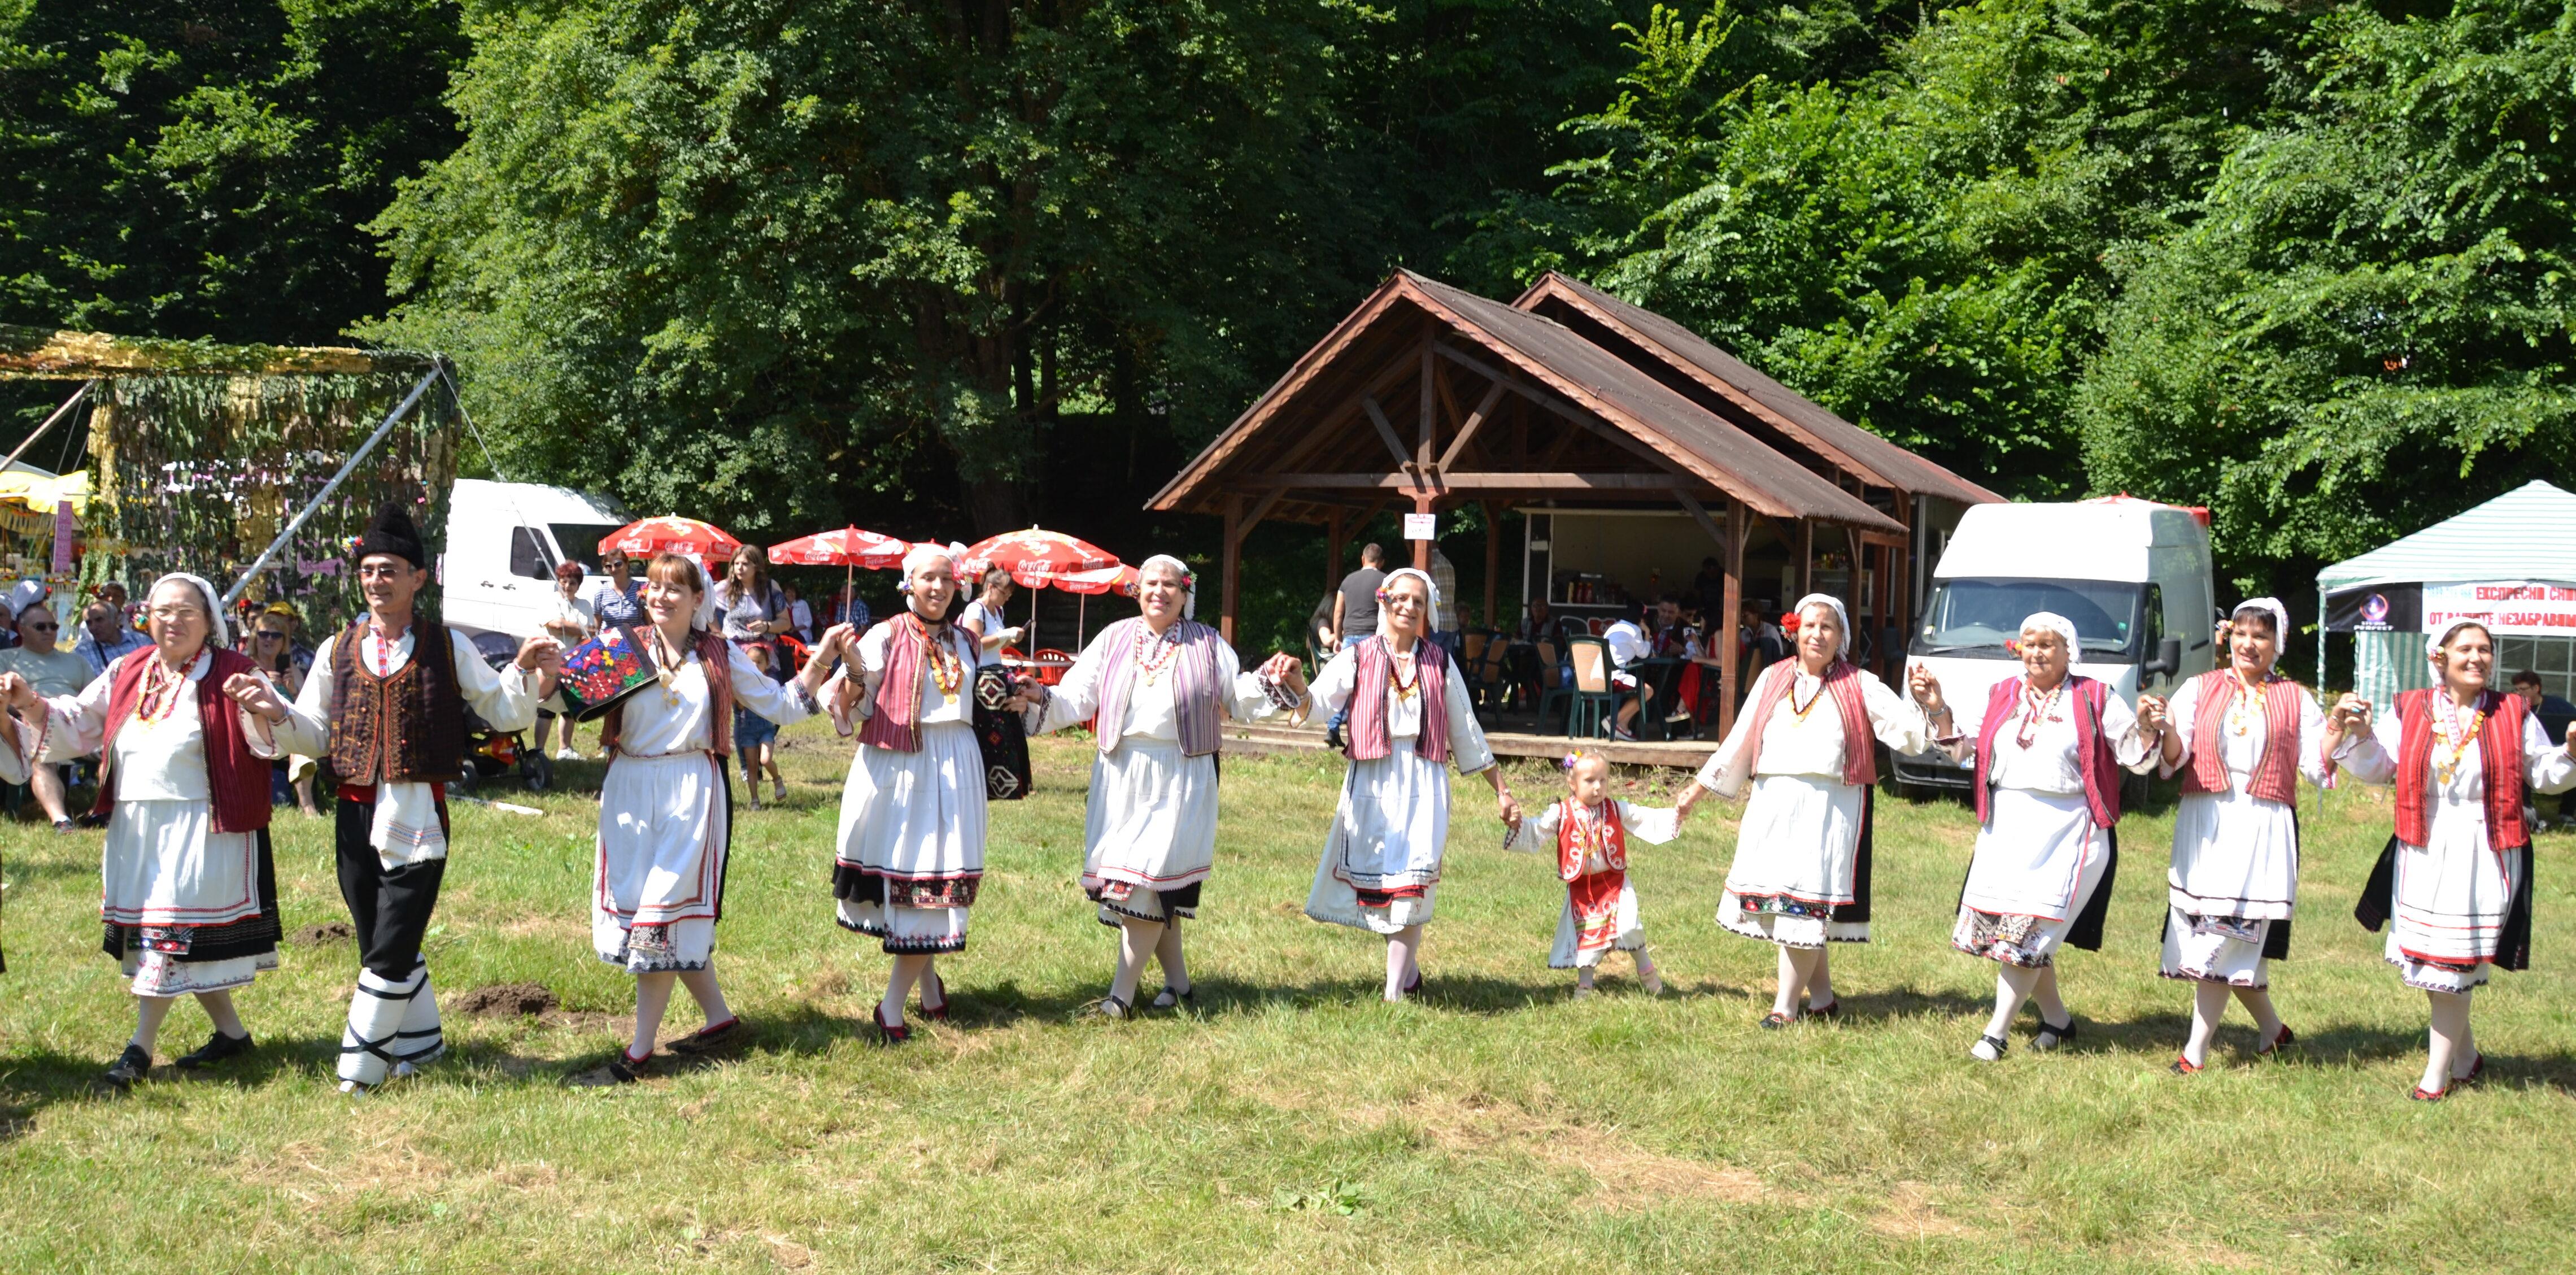 1535 жители на община Разград празнуват имен ден на Герг� ...